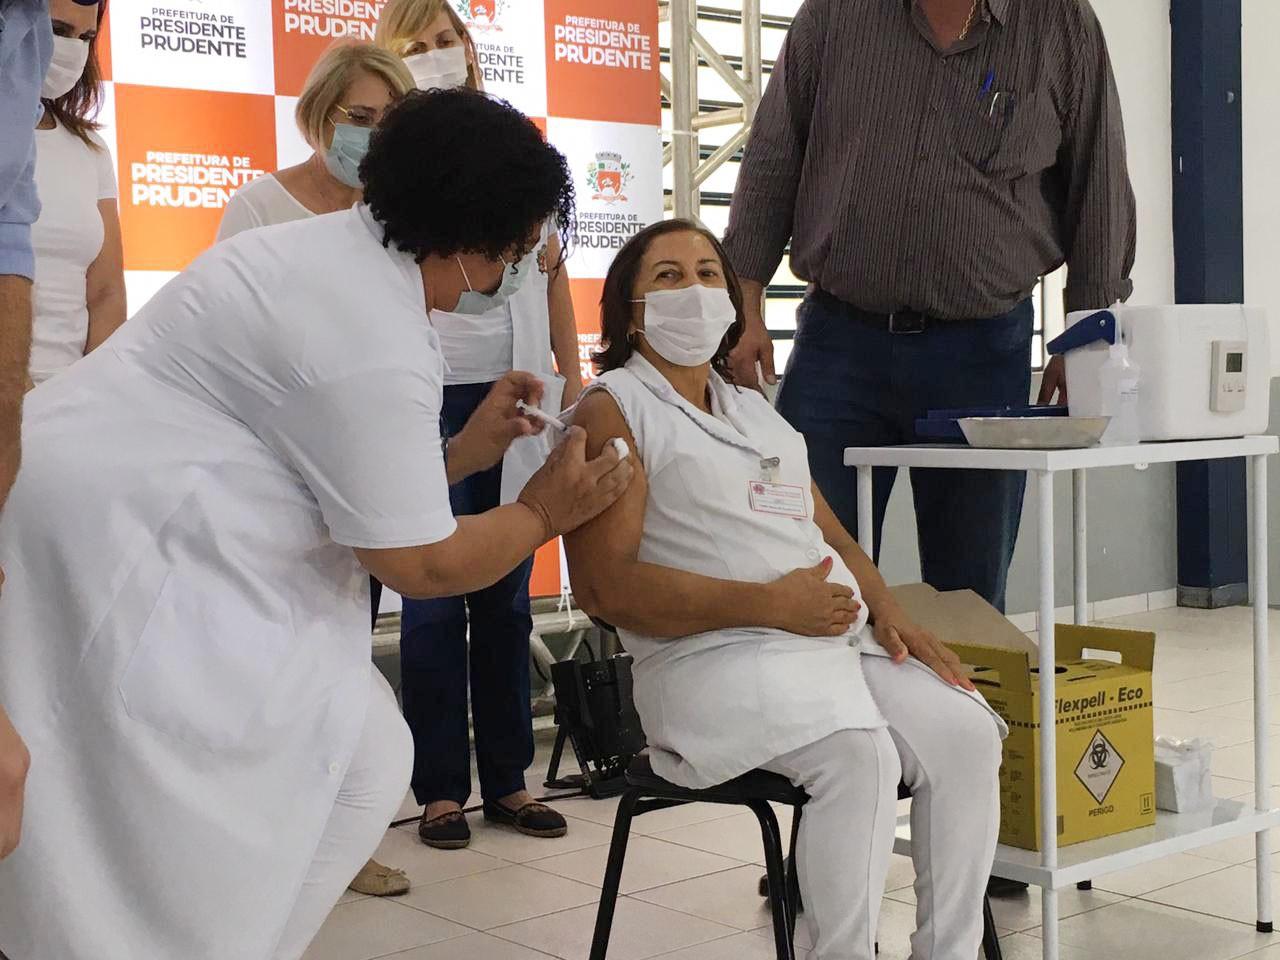 Auxiliar de enfermagem de 61 anos é a primeira pessoa a receber a vacina contra a Covid-19 em Presidente Prudente